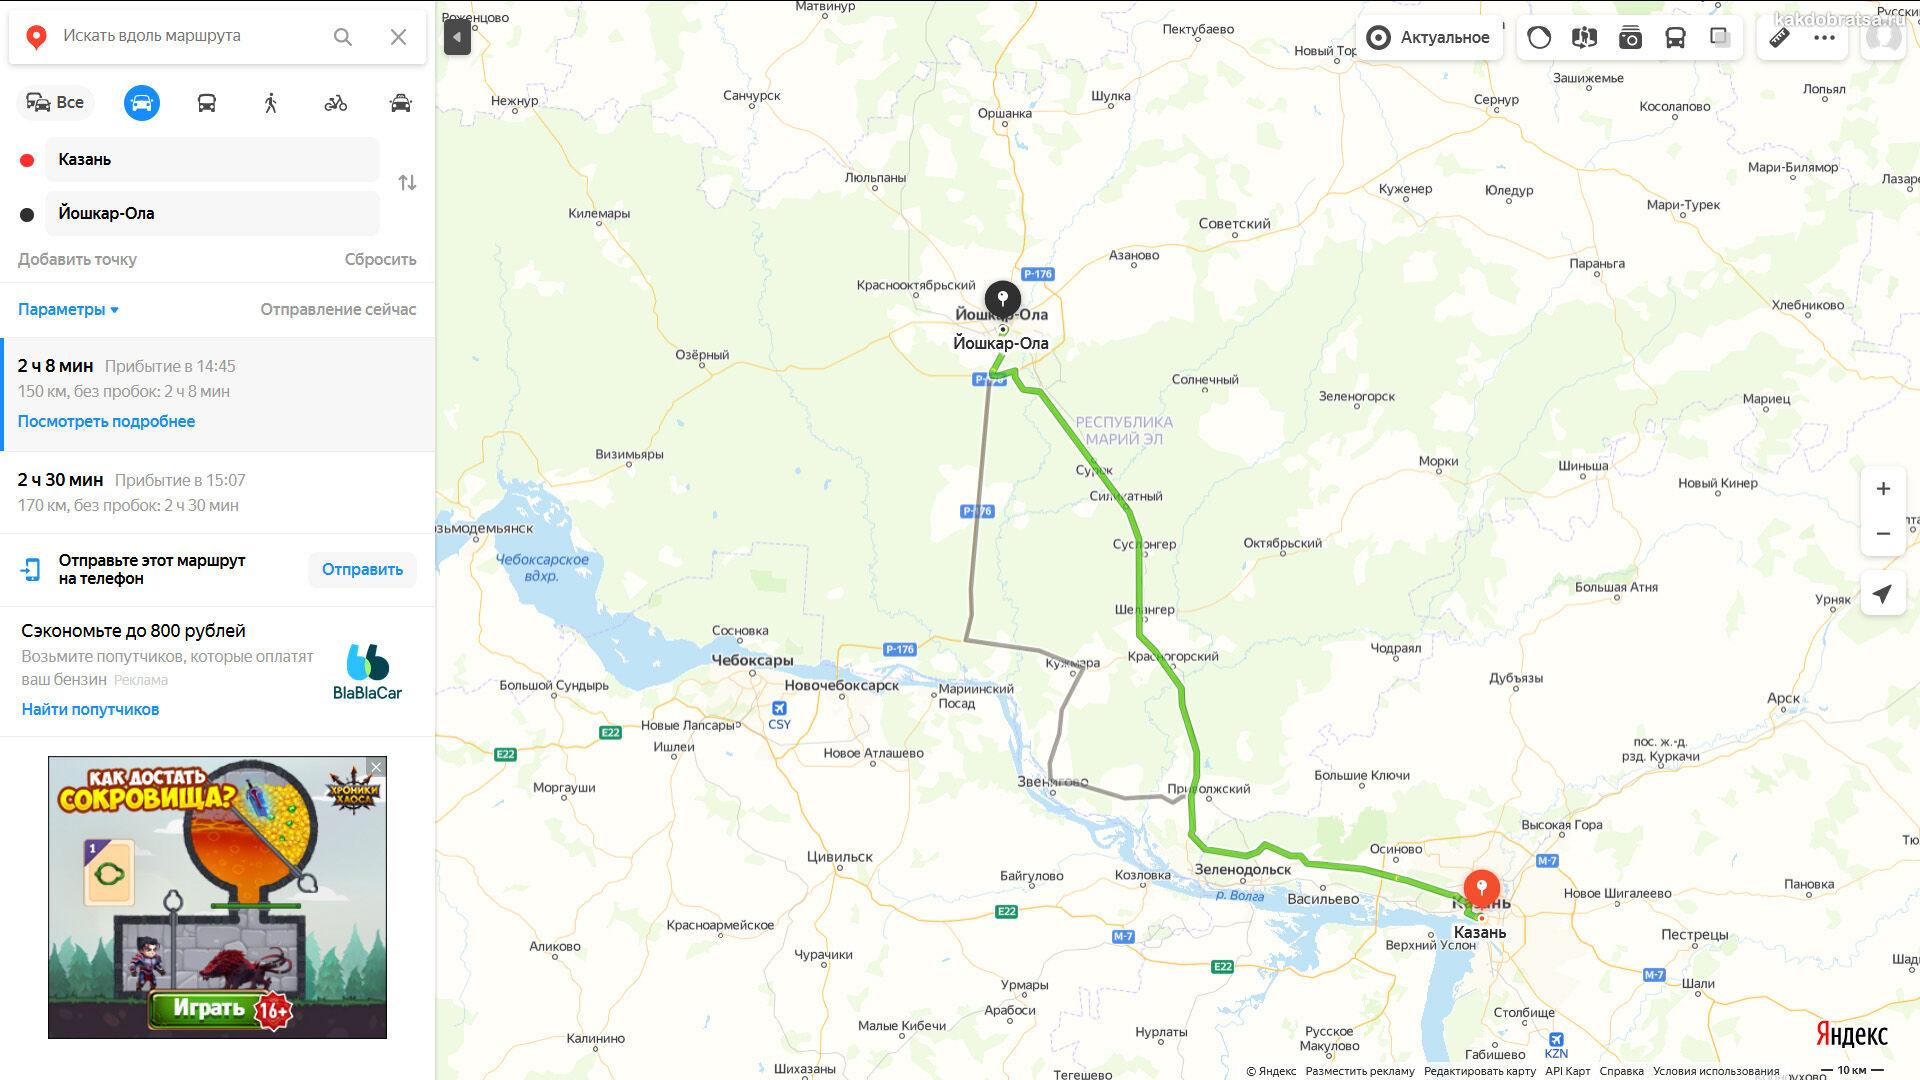 Расстояние между городами Казань и Йошкар-Олу по карте маршрут